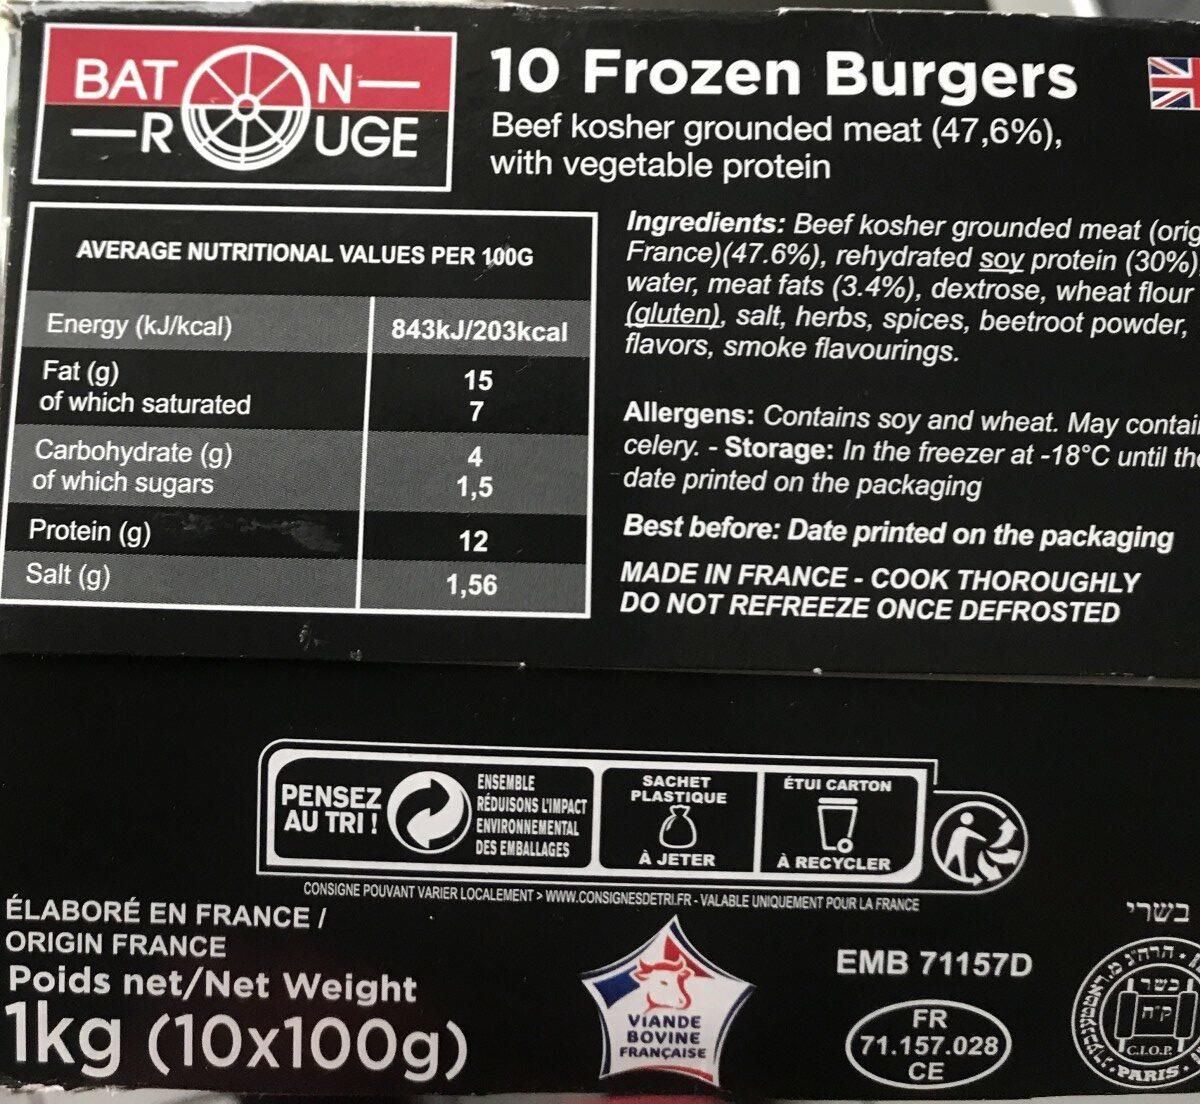 Baton rouge burger surgeles - Ingrediënten - fr